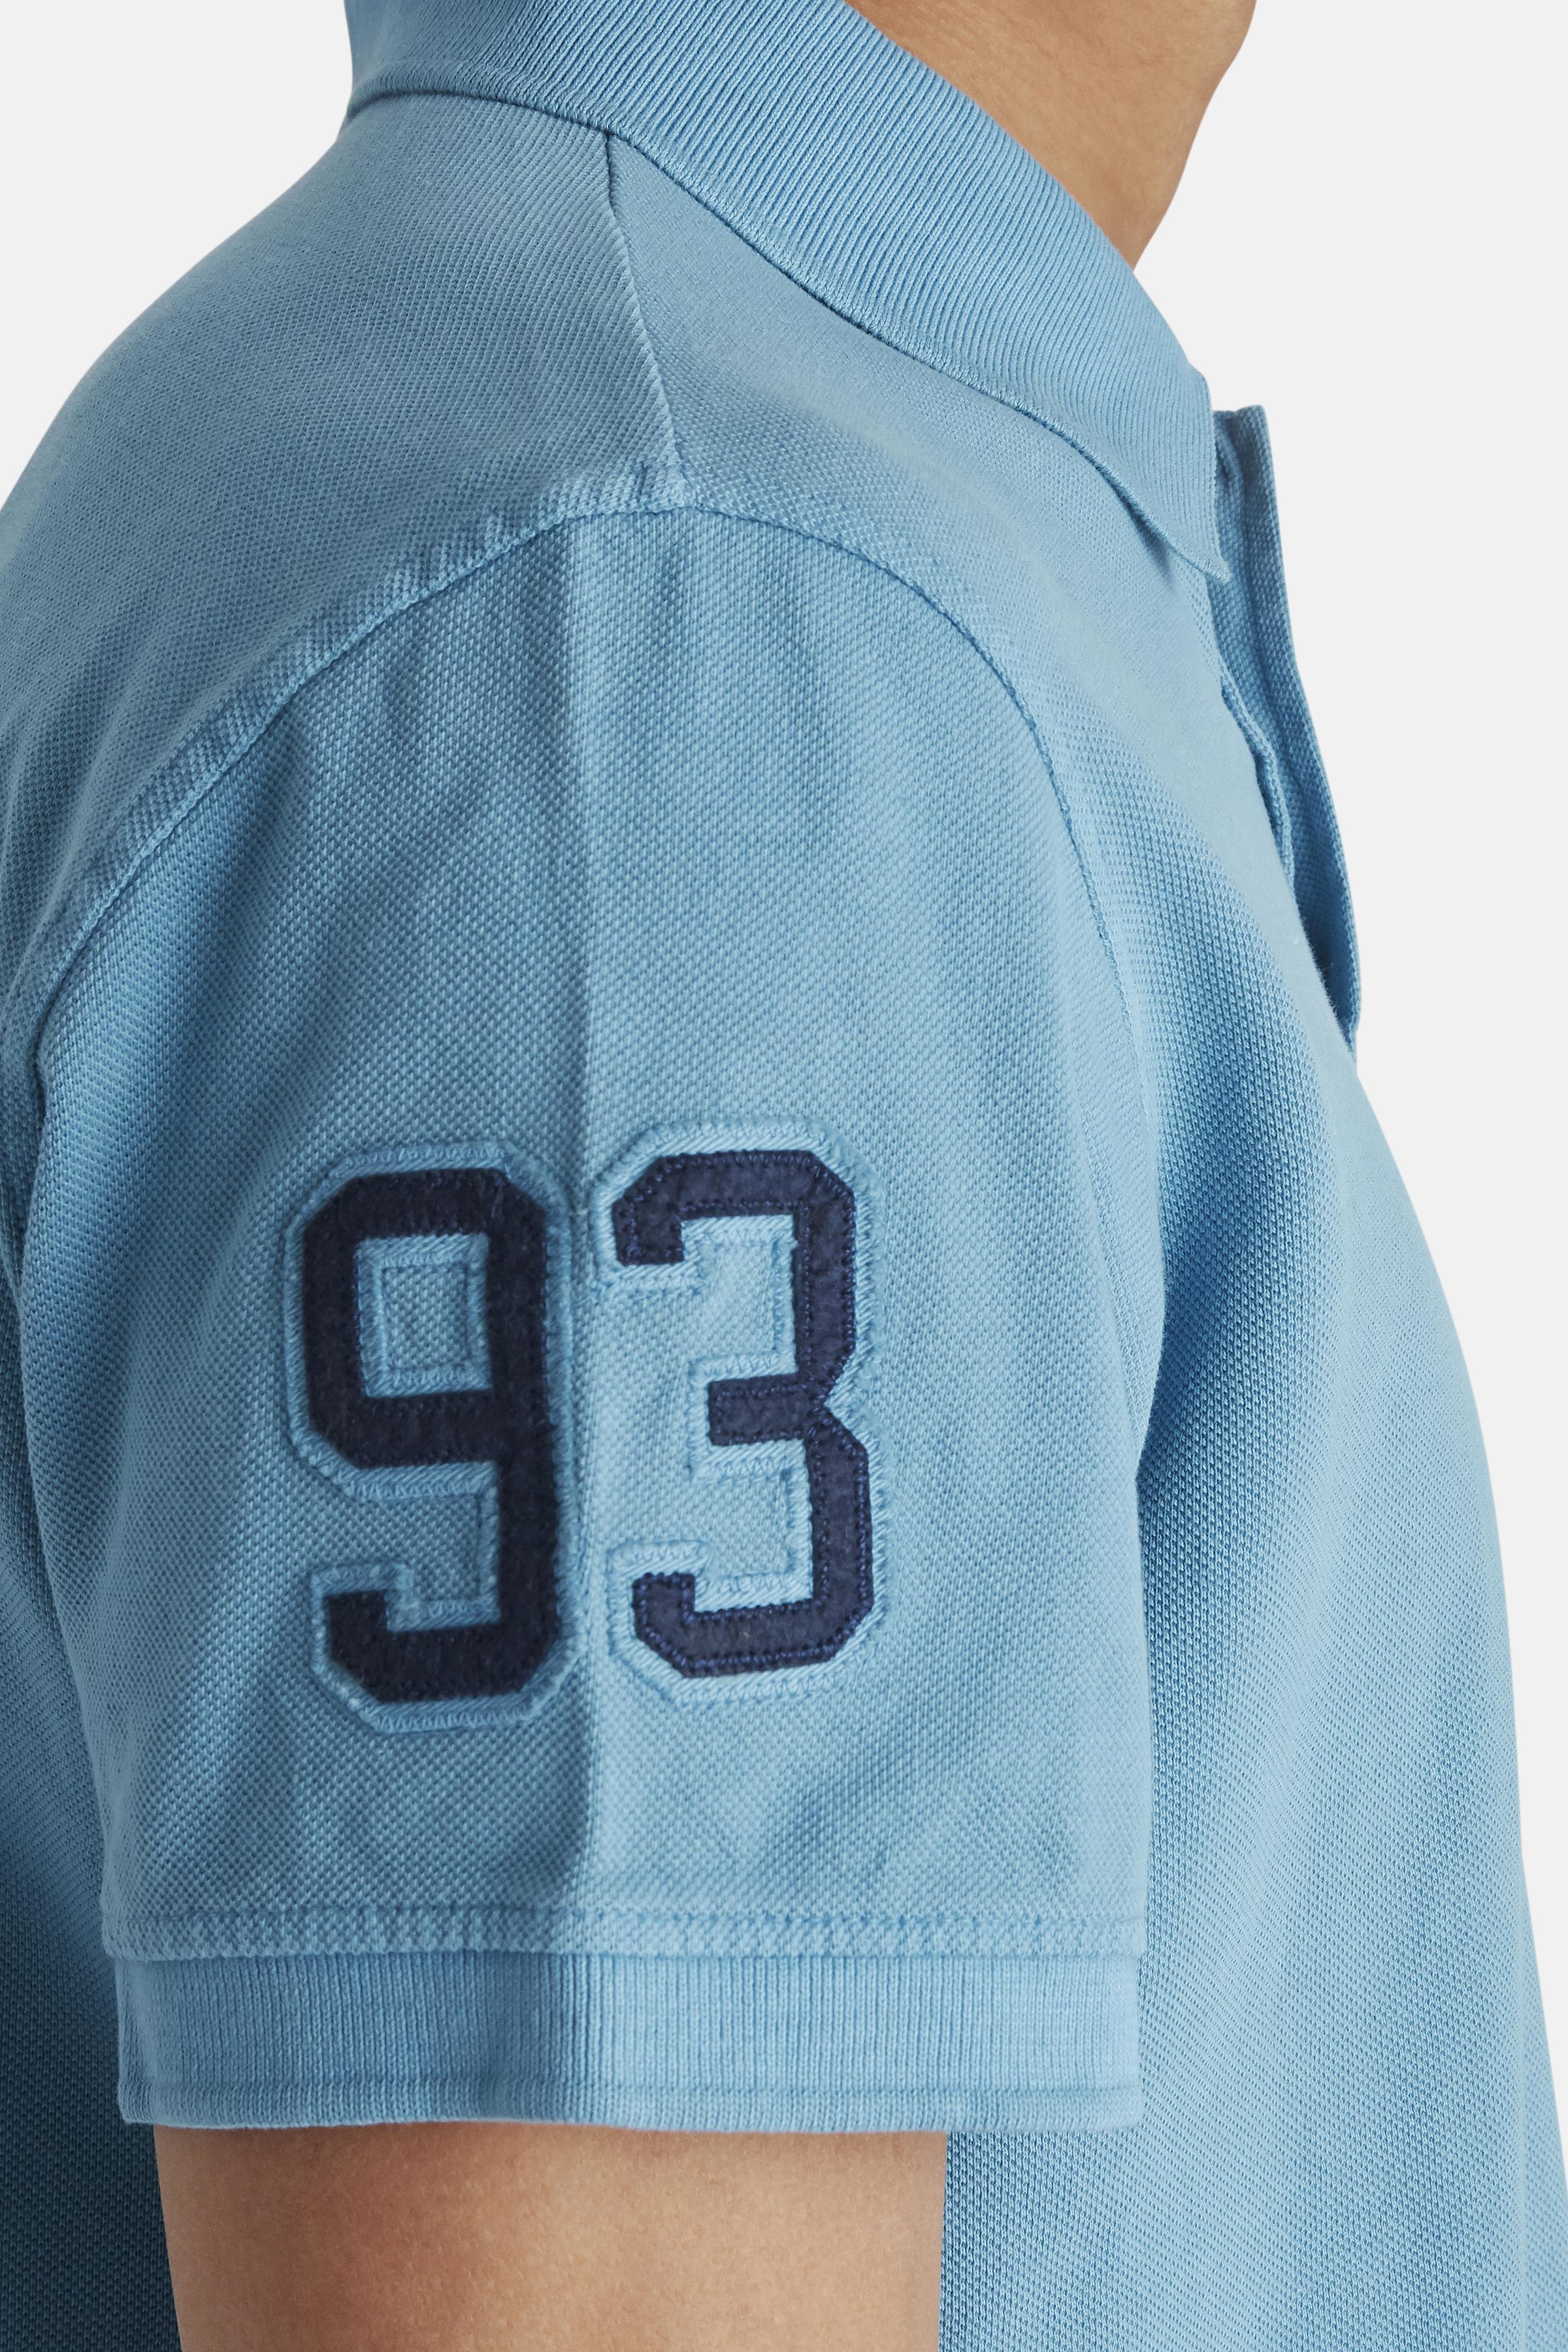 Niagara Blue Kortærmet T-shirt fra Blend He – Køb Niagara Blue Kortærmet T-shirt fra str. S-3XL her